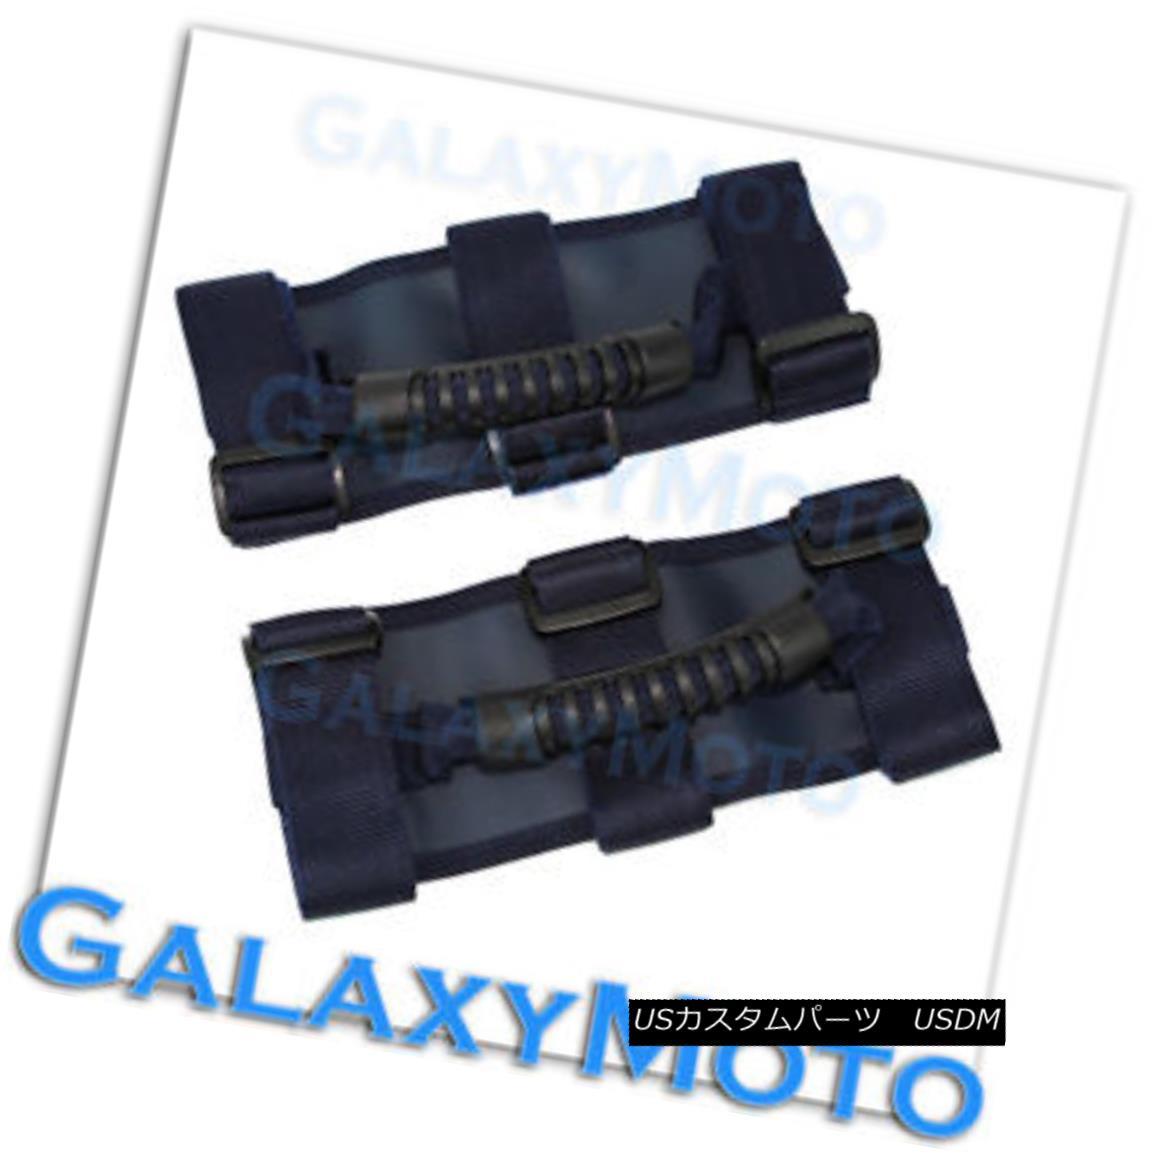 グリル Deluxe Extreme BLUE Roll Bar Grab Handle Set for 77-16 Jeep Wrangler JK TJ YJ CJ デラックスエクストリームブルーロールバーグラブハンドルセット77-16ジープラングラーJK TJ YJ CJ